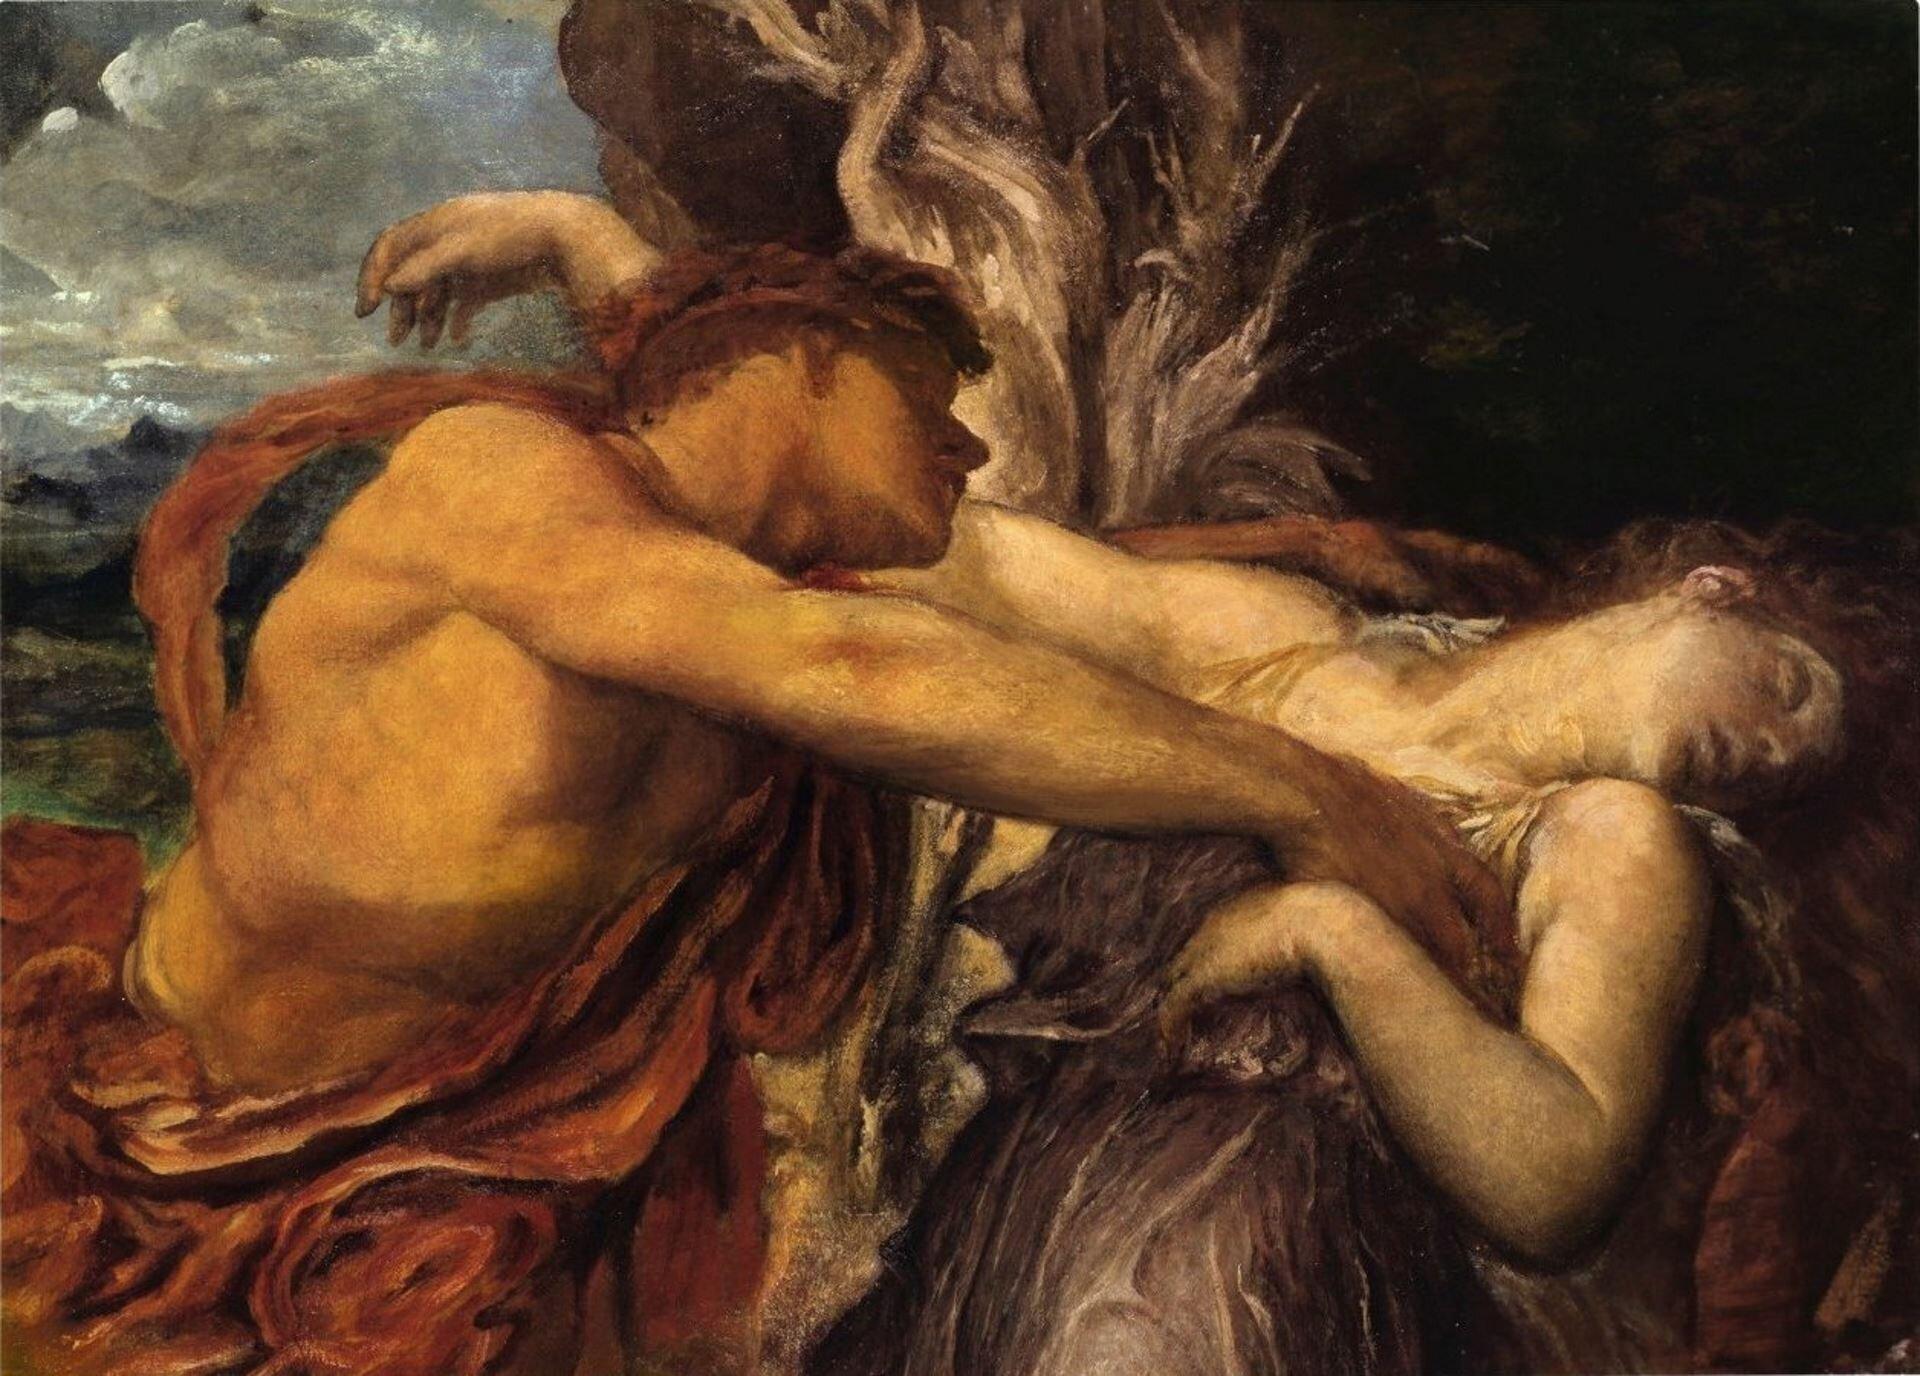 """lustracja przedstawia obraz Georgea Fredericka Watts'a pt. """"Orfeusz iEurydyka"""". Na pierwszym planie widnieją objęte postaci, ukazane od pasa wgórę. Tło obrazu jest ciemne; wlewym górnym rogu widnieje fragment zachmurzonego nieba. Orfeusz, spowity wczerwoną szatę, trzyma wwyciągniętych ramionach umierającą Eurydykę. Kobieta ma głowę odchyloną do tyłu, zamknięte oczy. Długie rude włosy opadają jej na plecy. Prawą rękę ma zarzuconą na ramię Orfeusza."""